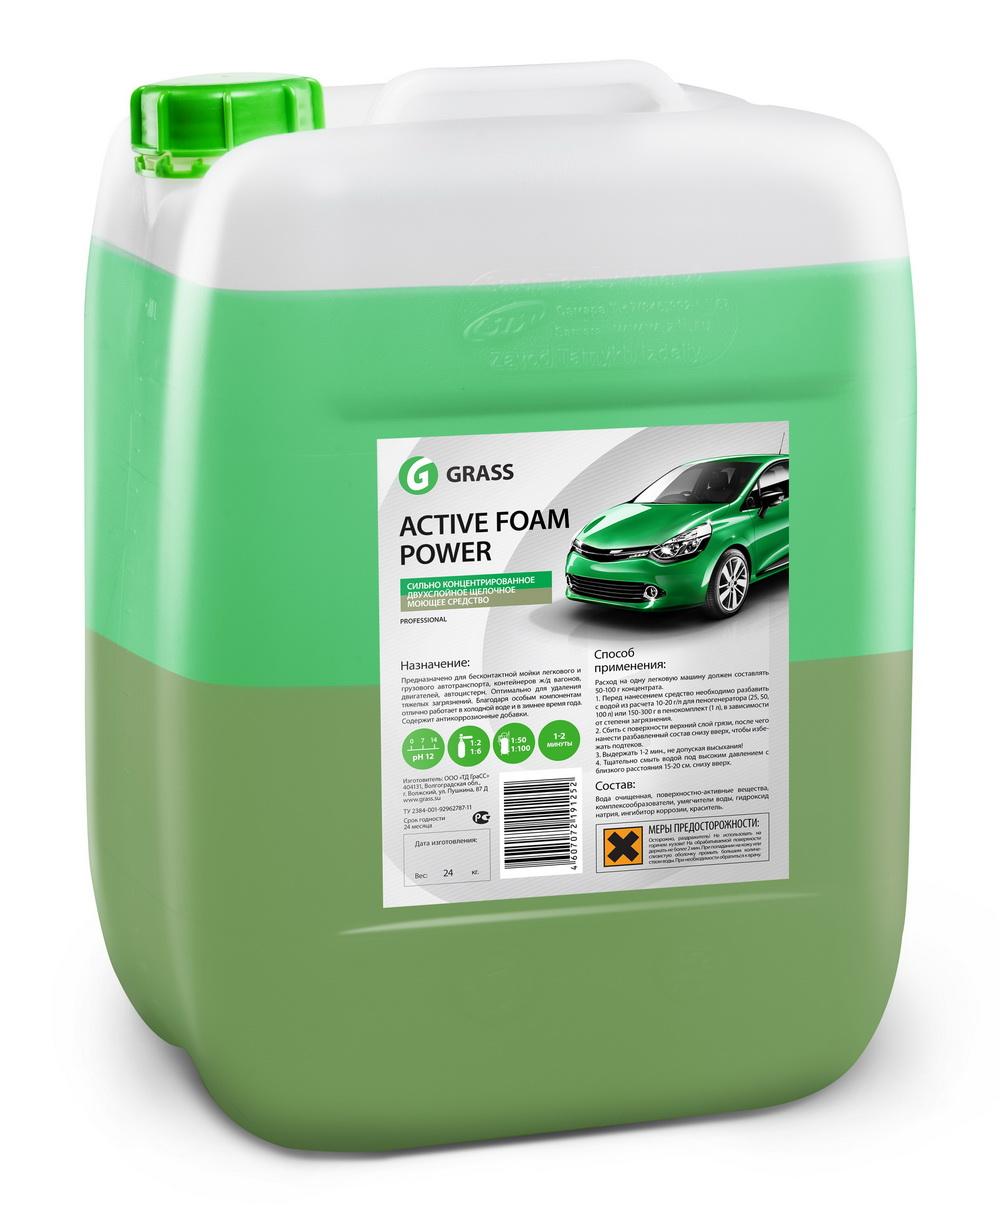 Очиститель GrassАвтомобильная косметика<br>Тип: очиститель,<br>Объем: 23<br>